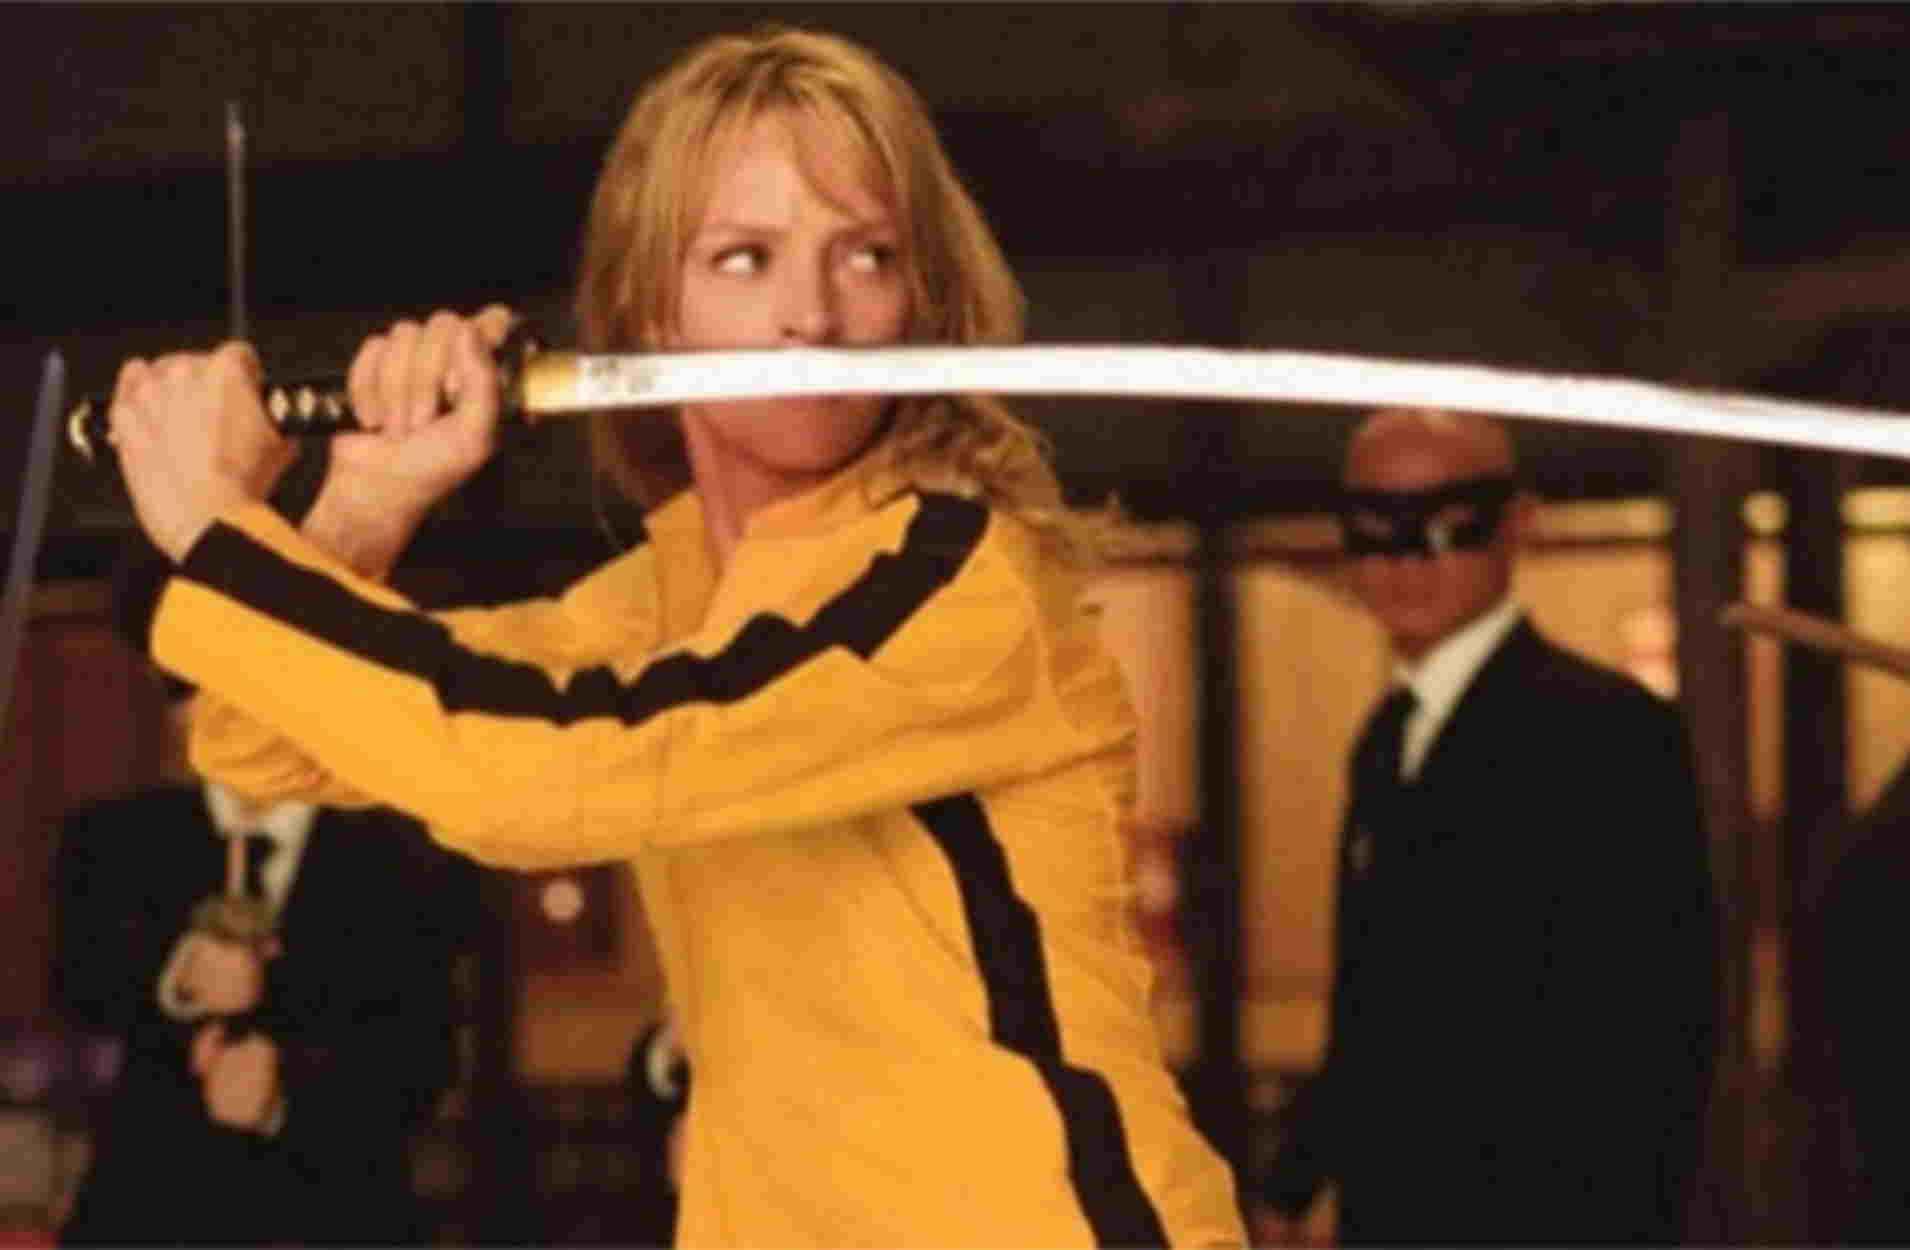 10+1 σκηνές μάχης σε ταινίες που ποτέ δεν θα βαρεθούμε να βλέπουμε